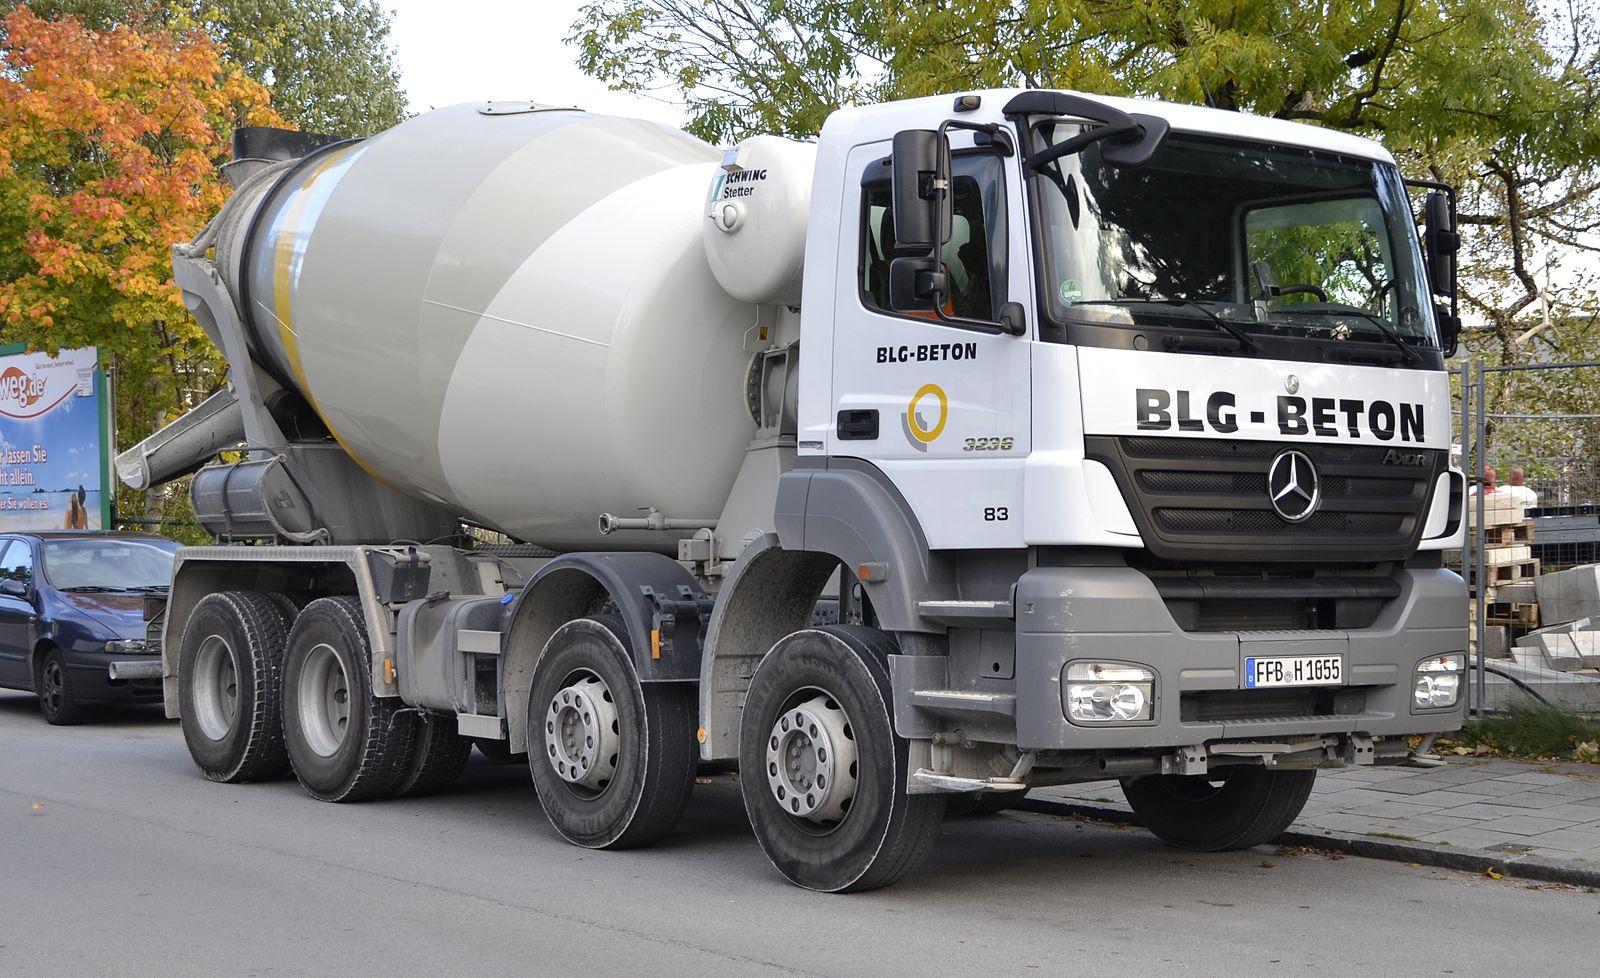 Бетон с доставкой в миксере в москве жлобин купить бетон